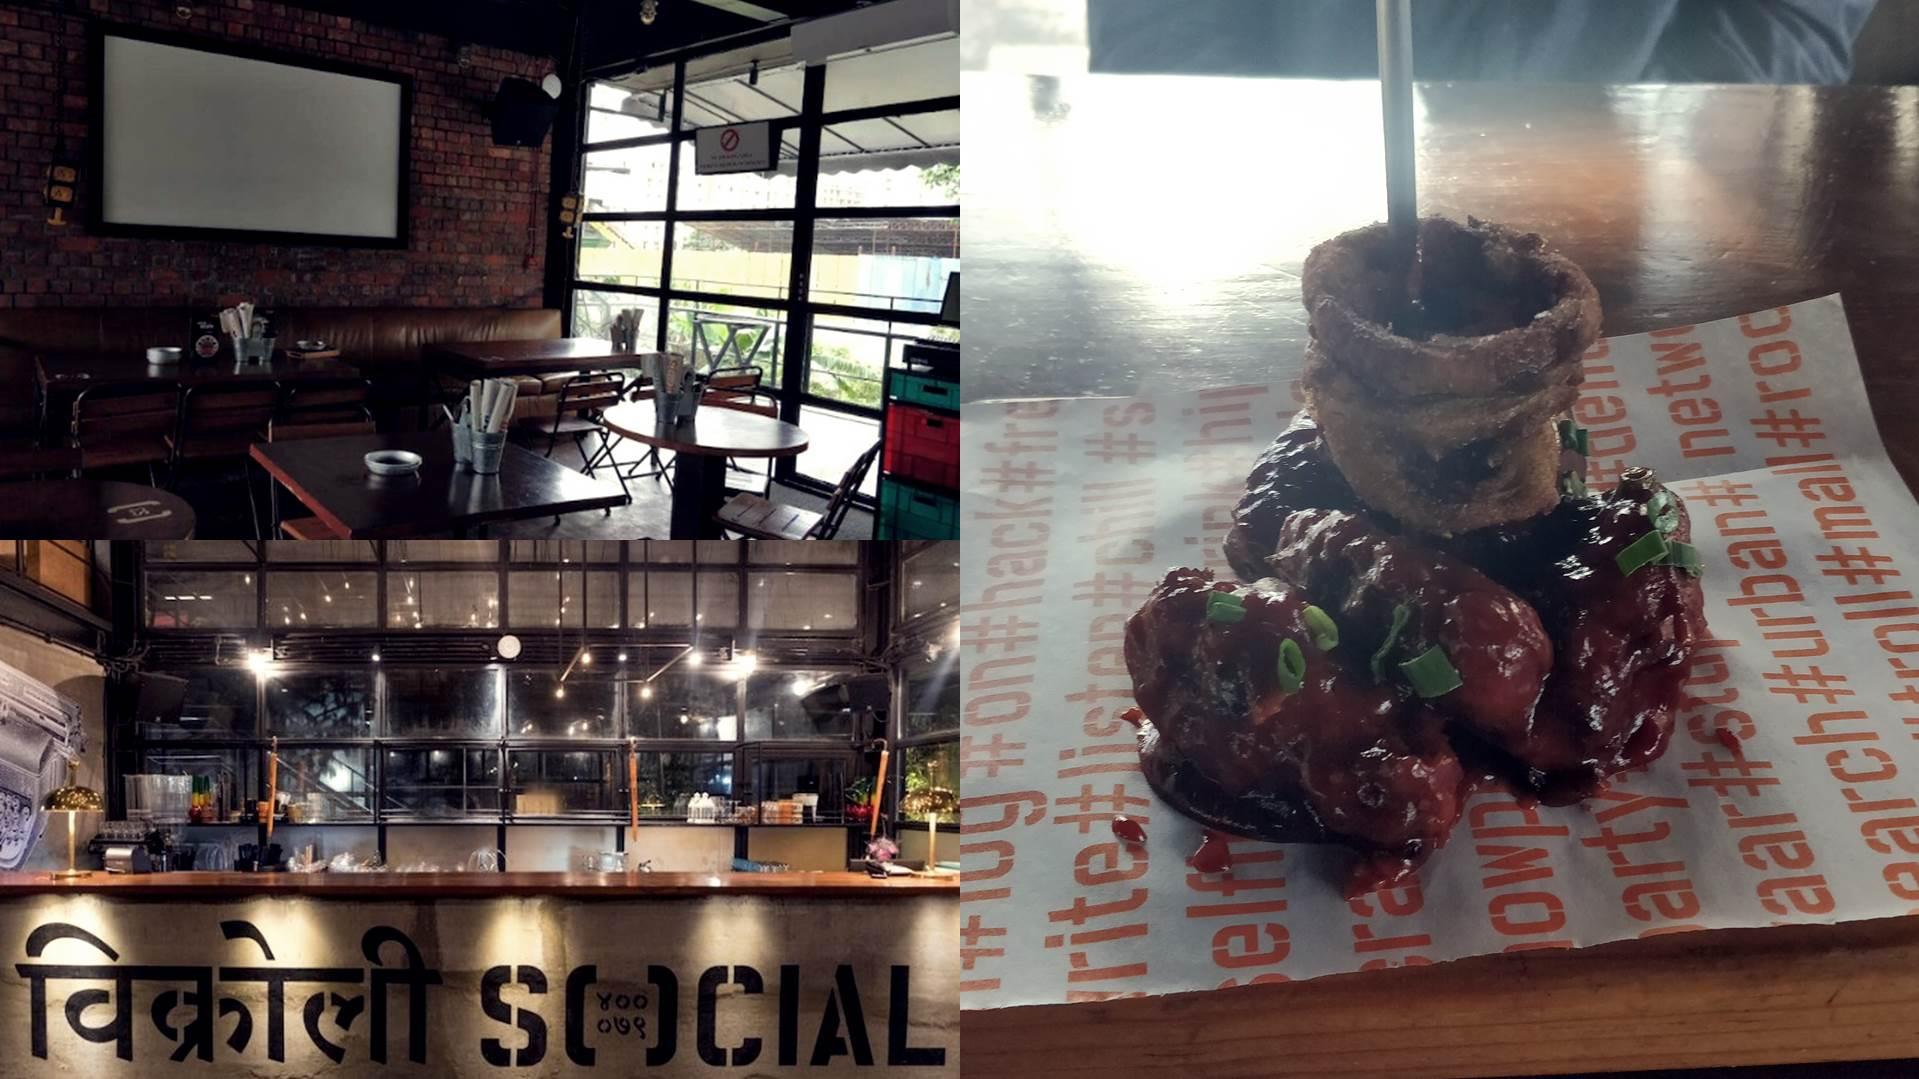 Vikhroli Social, Mumbai - Casual Dining + Bar | Witty Scoop